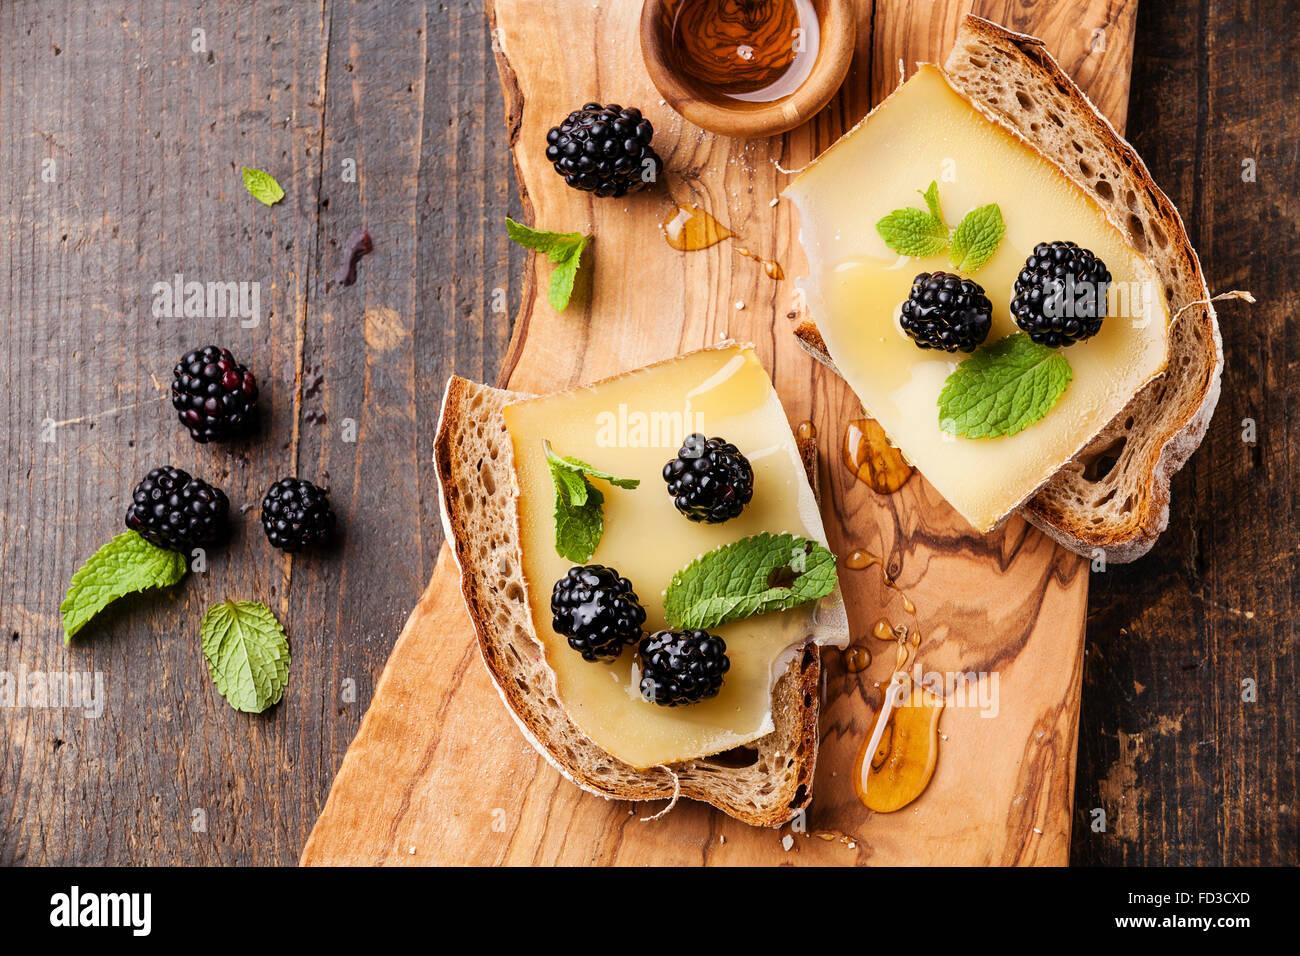 Sandwich avec du fromage et du pain frais sur blackberry sur fond de bois foncé Banque D'Images